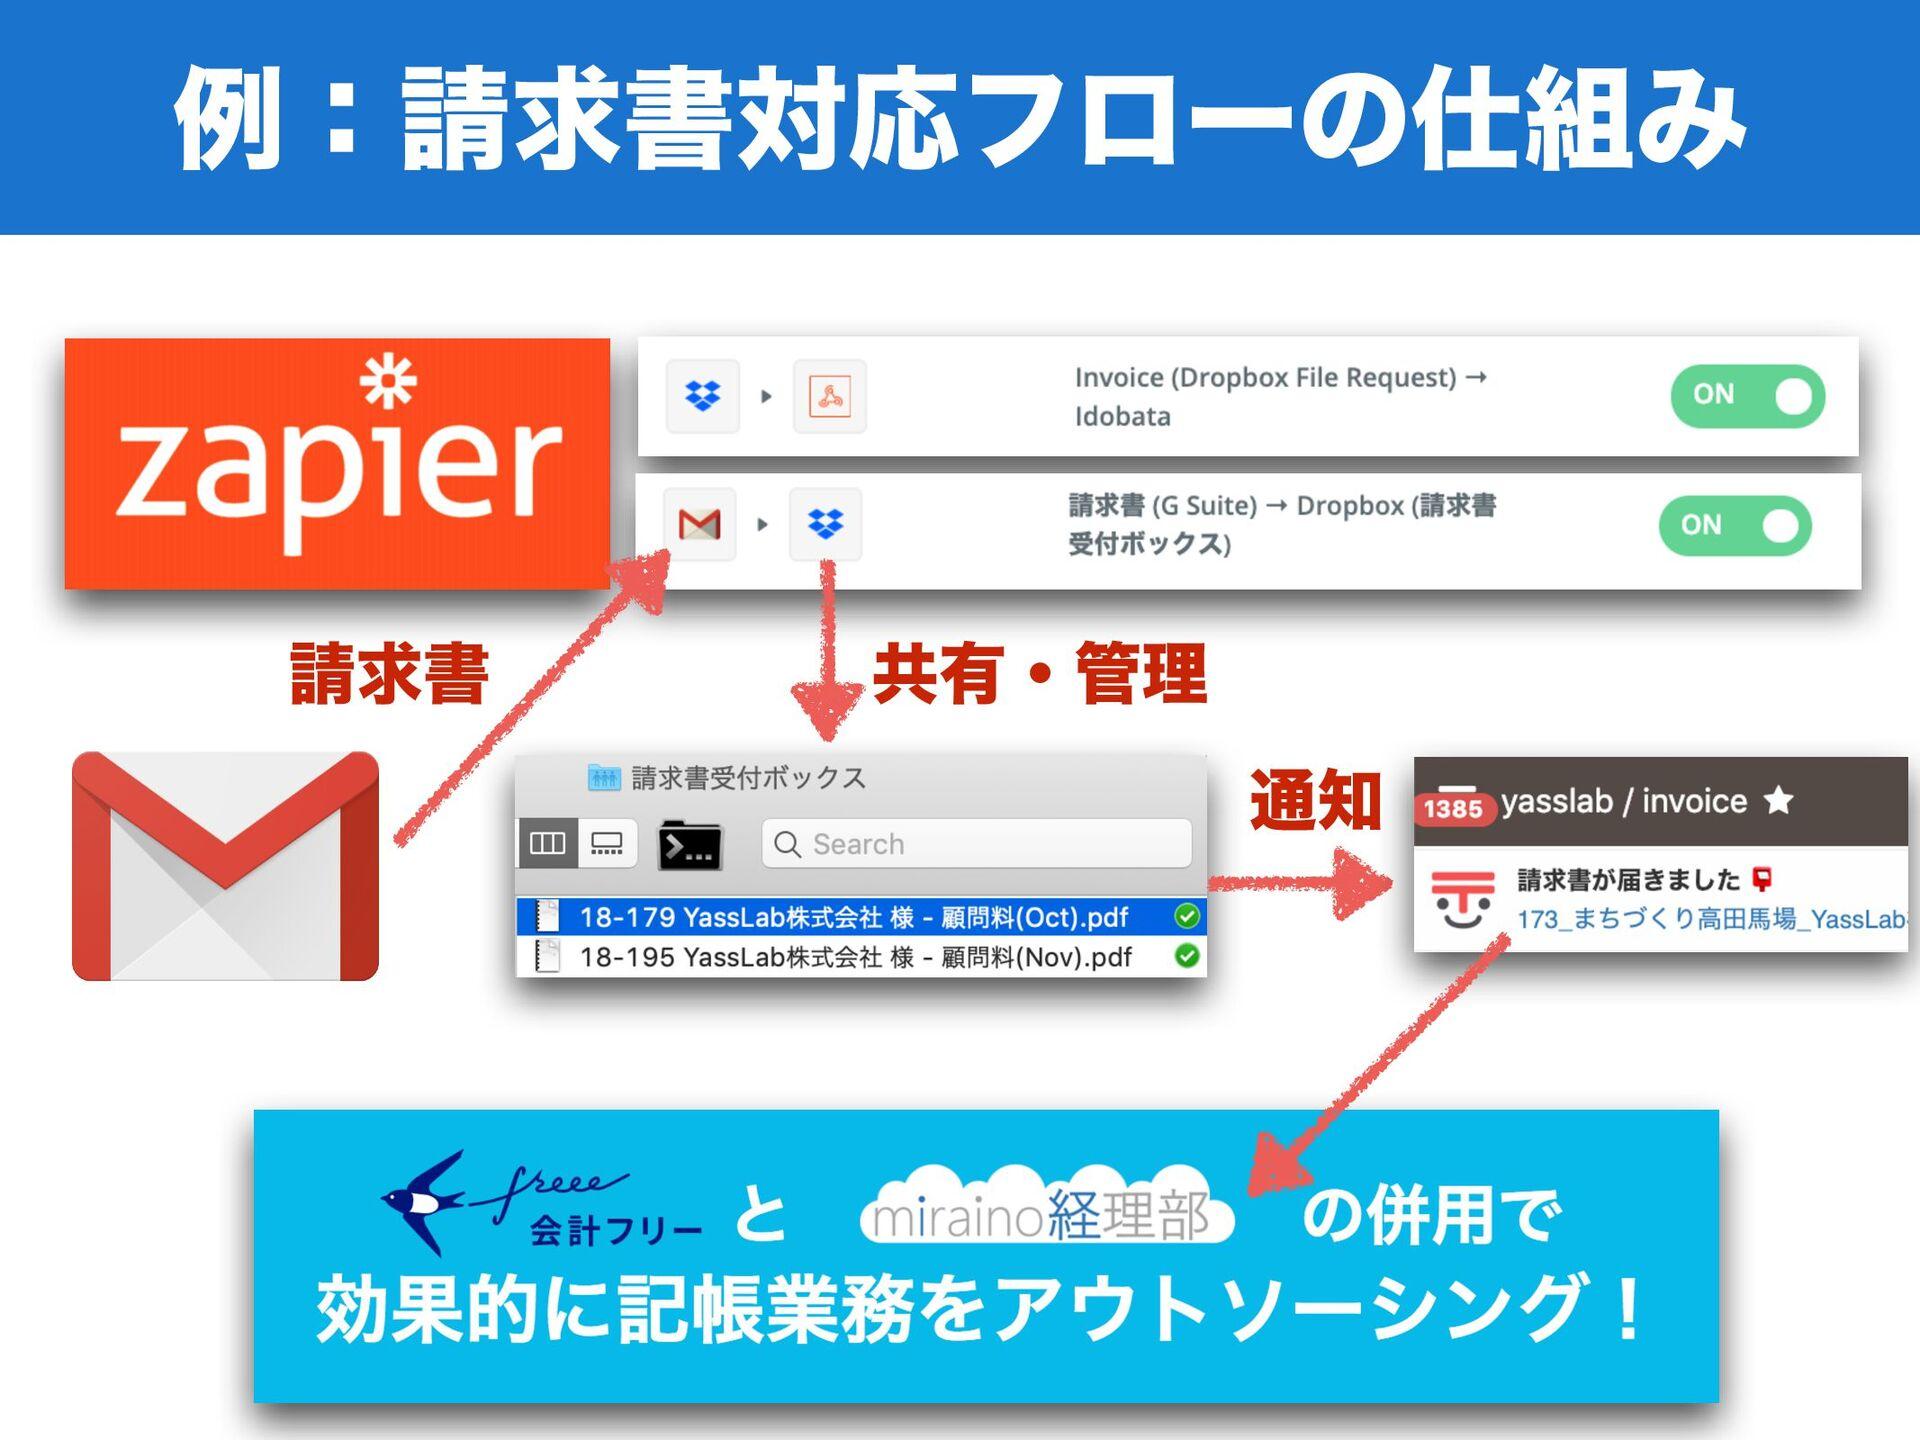 'Ͱ͖Δ = Δ͖' Ͱͳ͍…!!